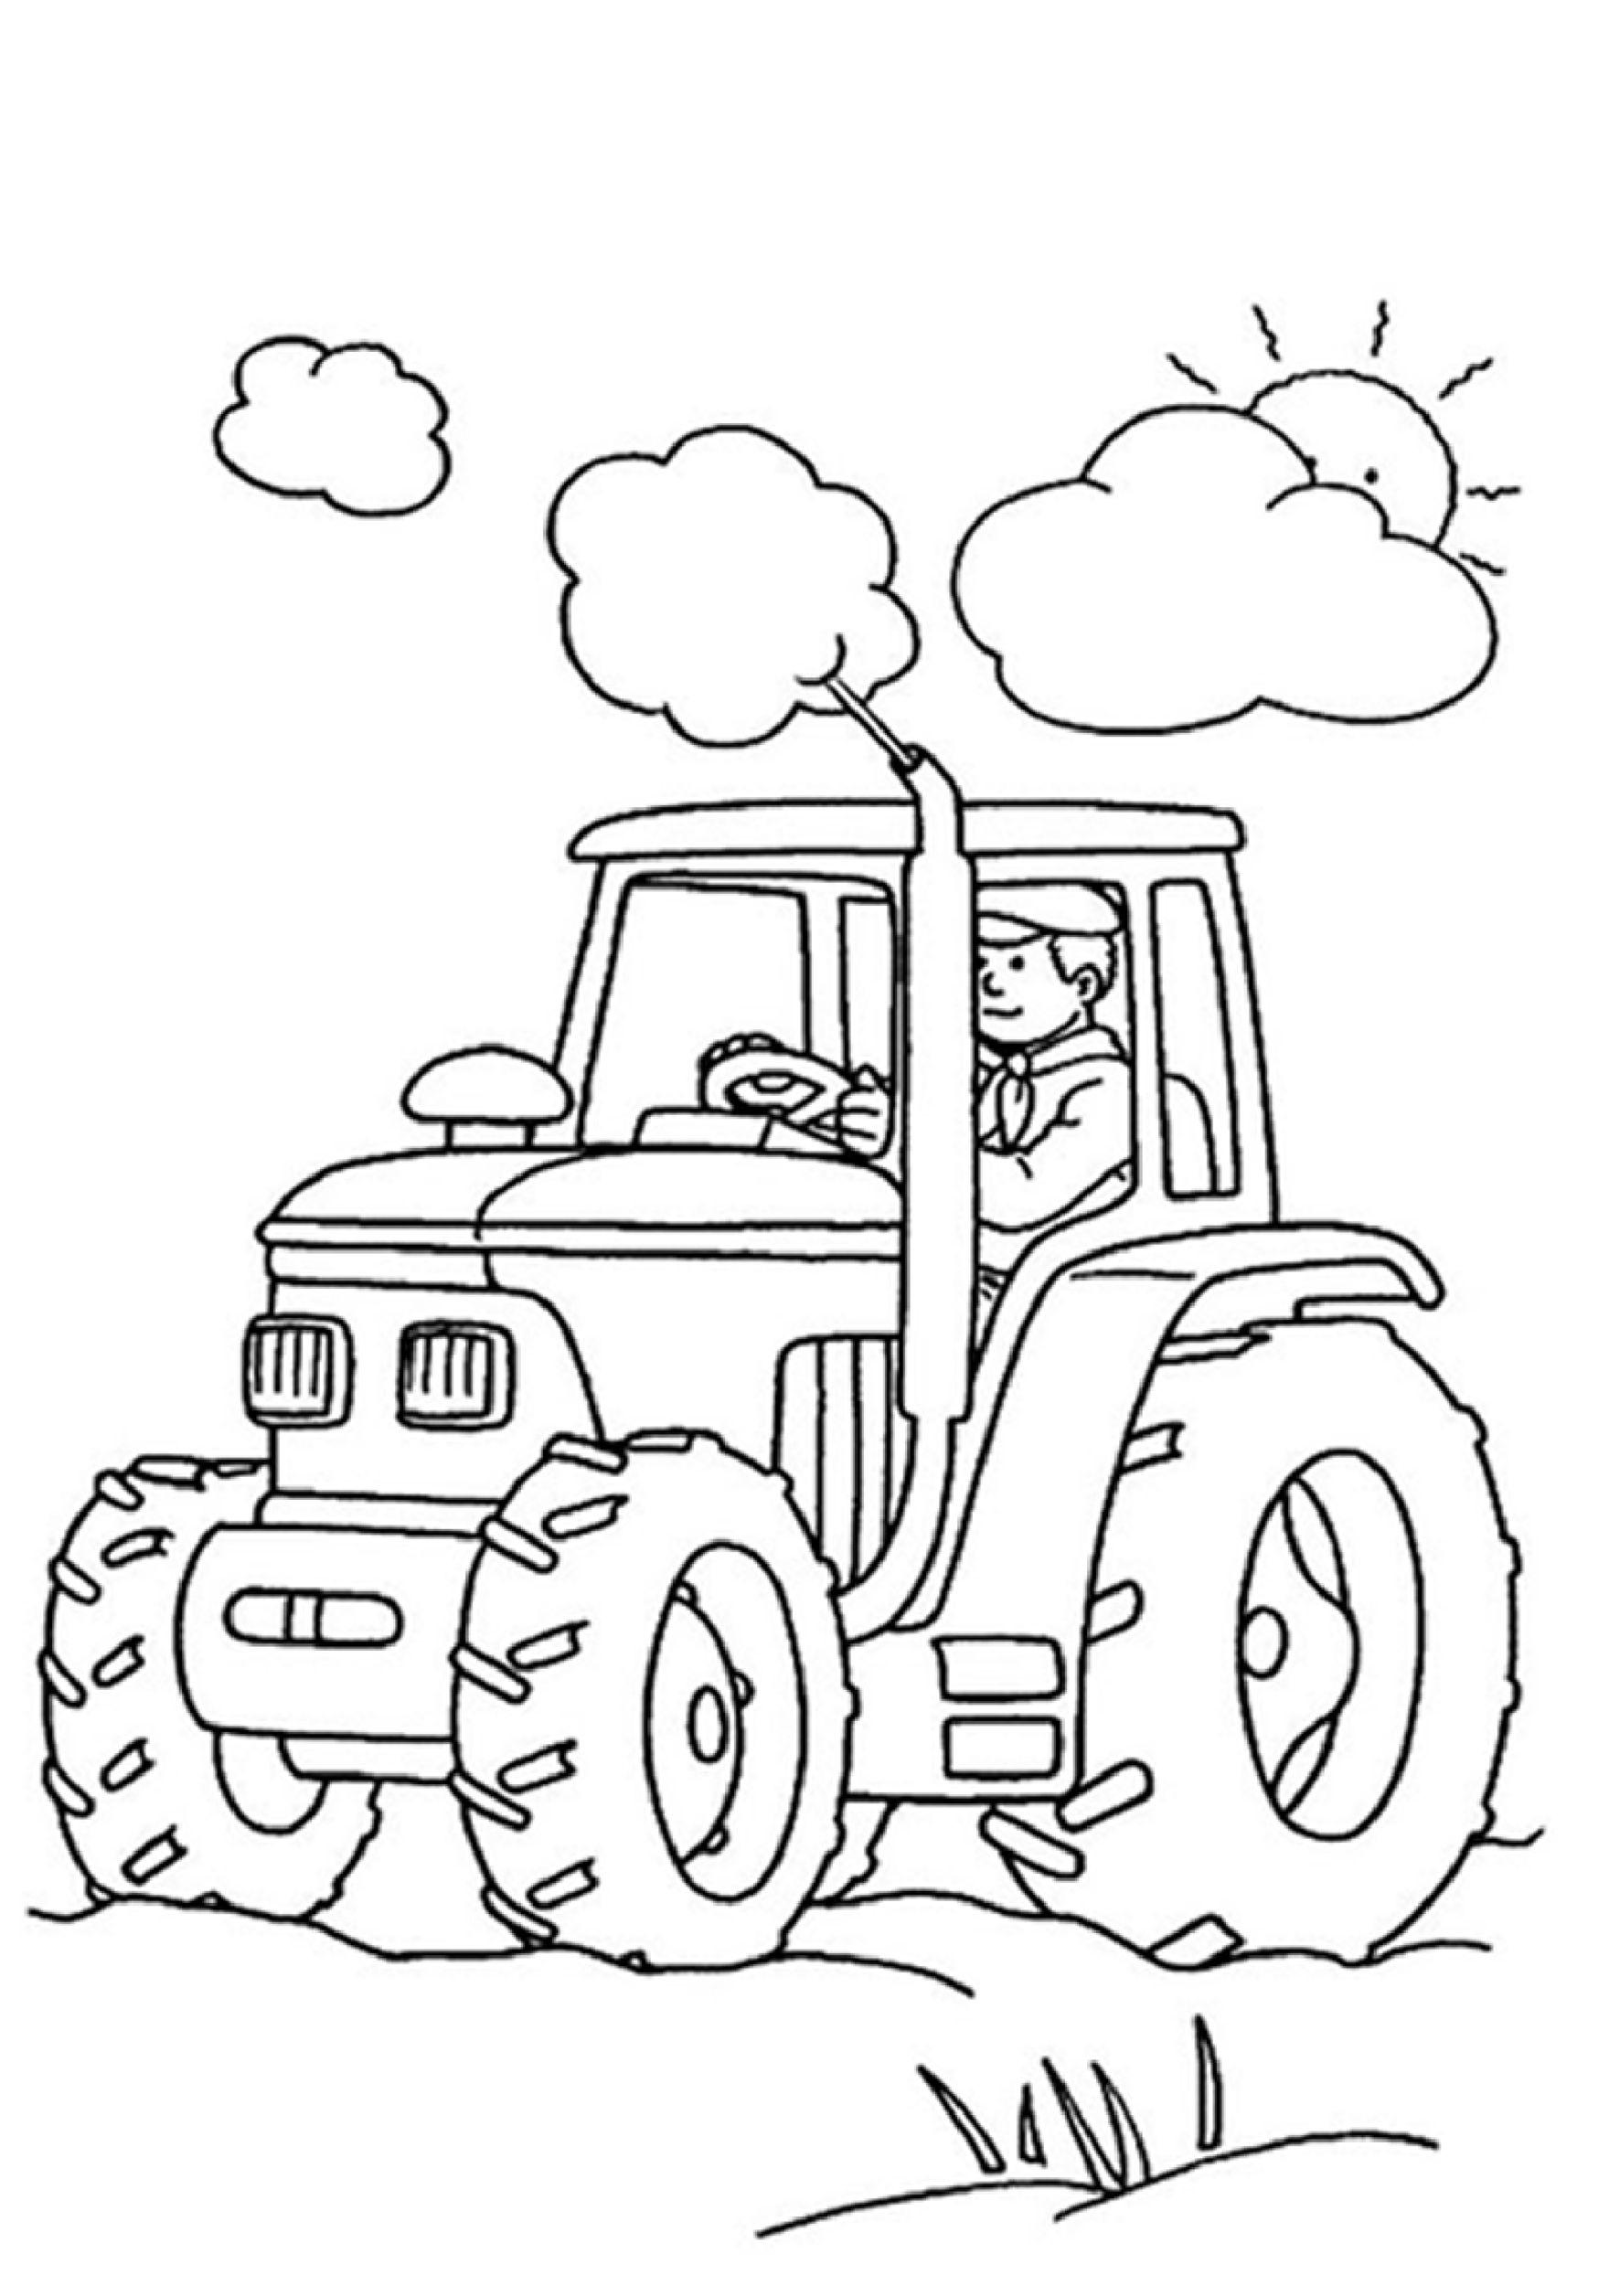 Knowledge Free Printable Coloring Pages For Kids Resume verwandt mit Ausmalbilder Für Buben